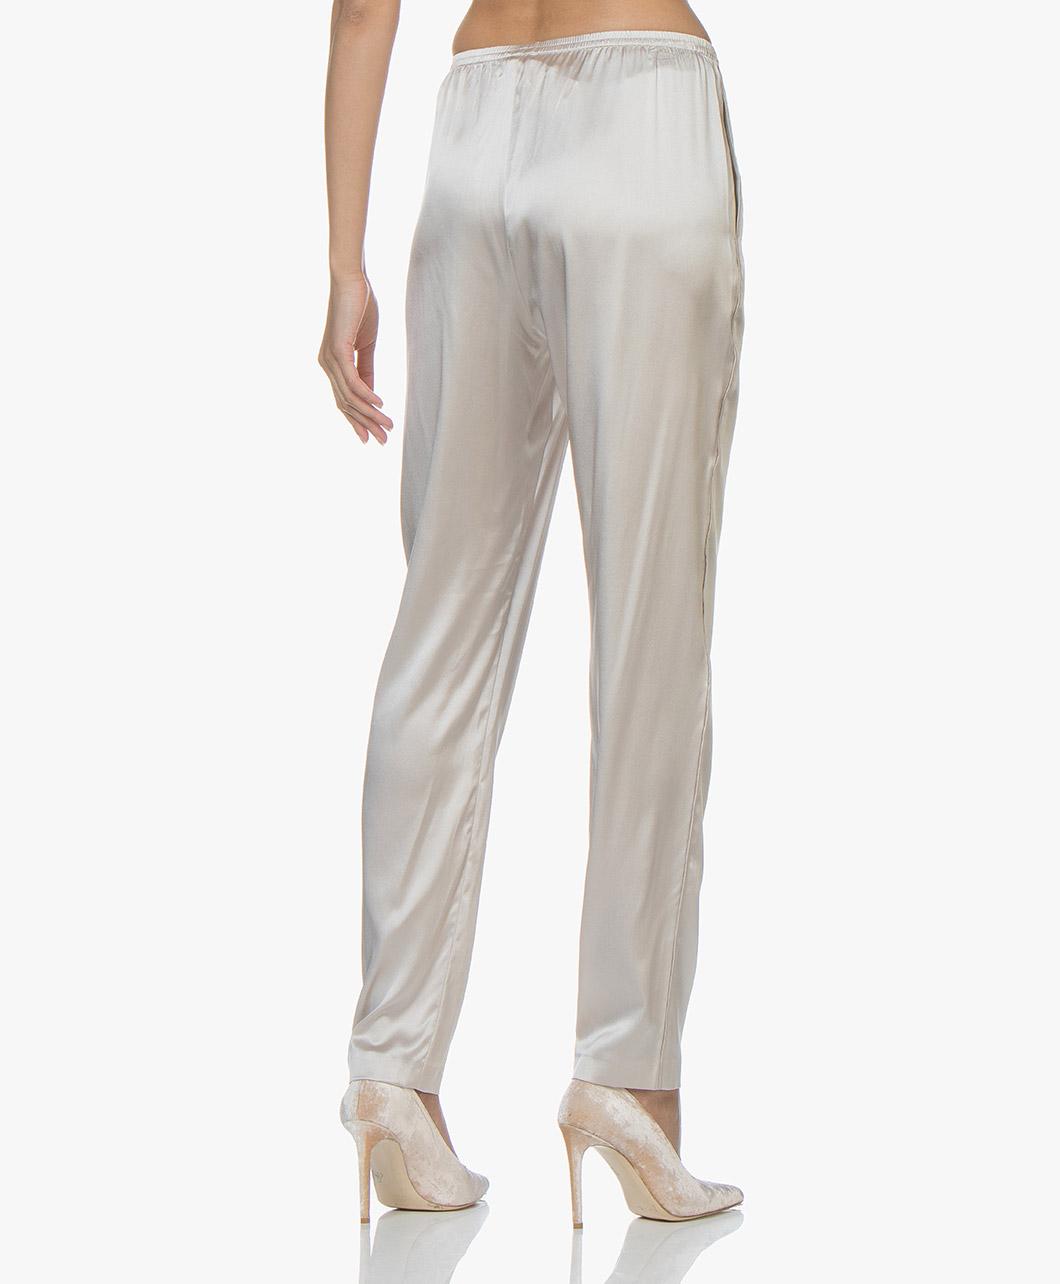 e2e579bbb0c6ca Filippa K Silk Satin Pyjama Pants - Mousse - 25701 8153 - mousse